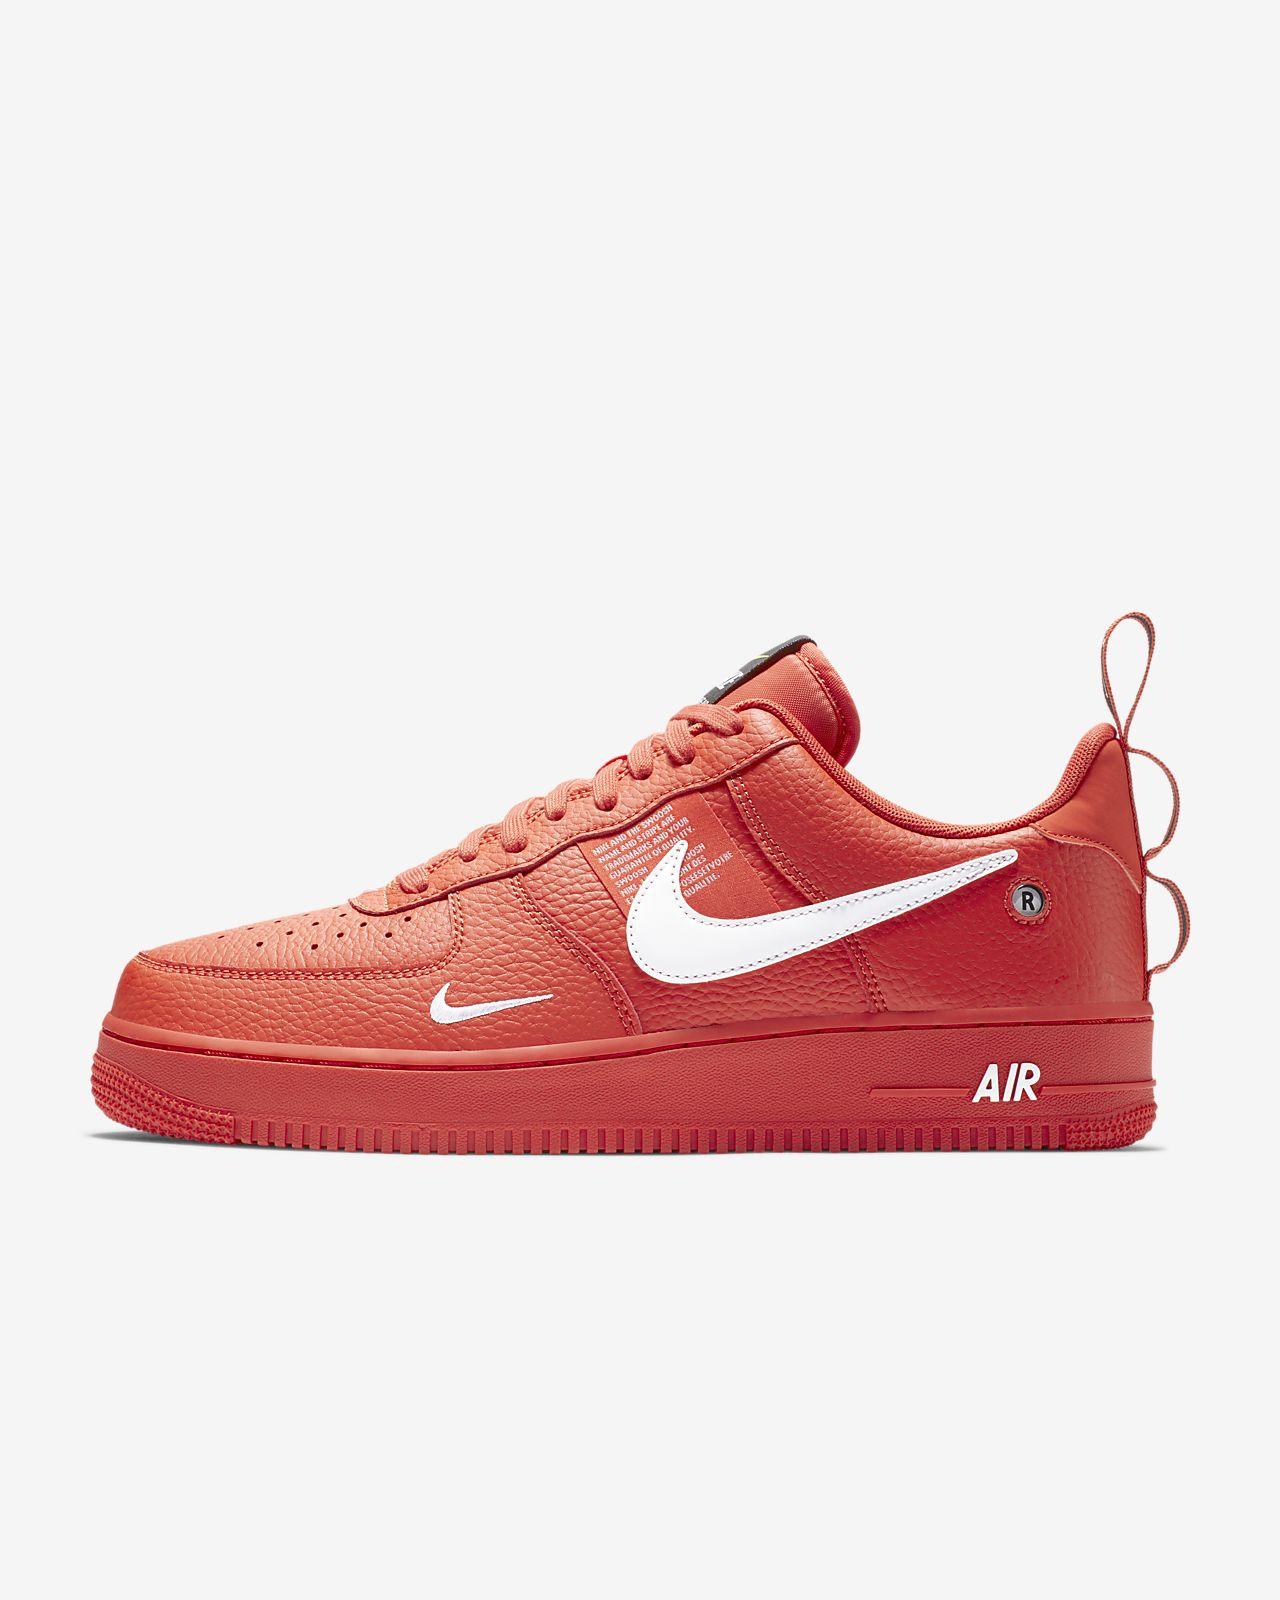 1dd6bd607006f Nike Air Force 1  07 LV8 Utility Zapatillas - Hombre. Nike.com ES